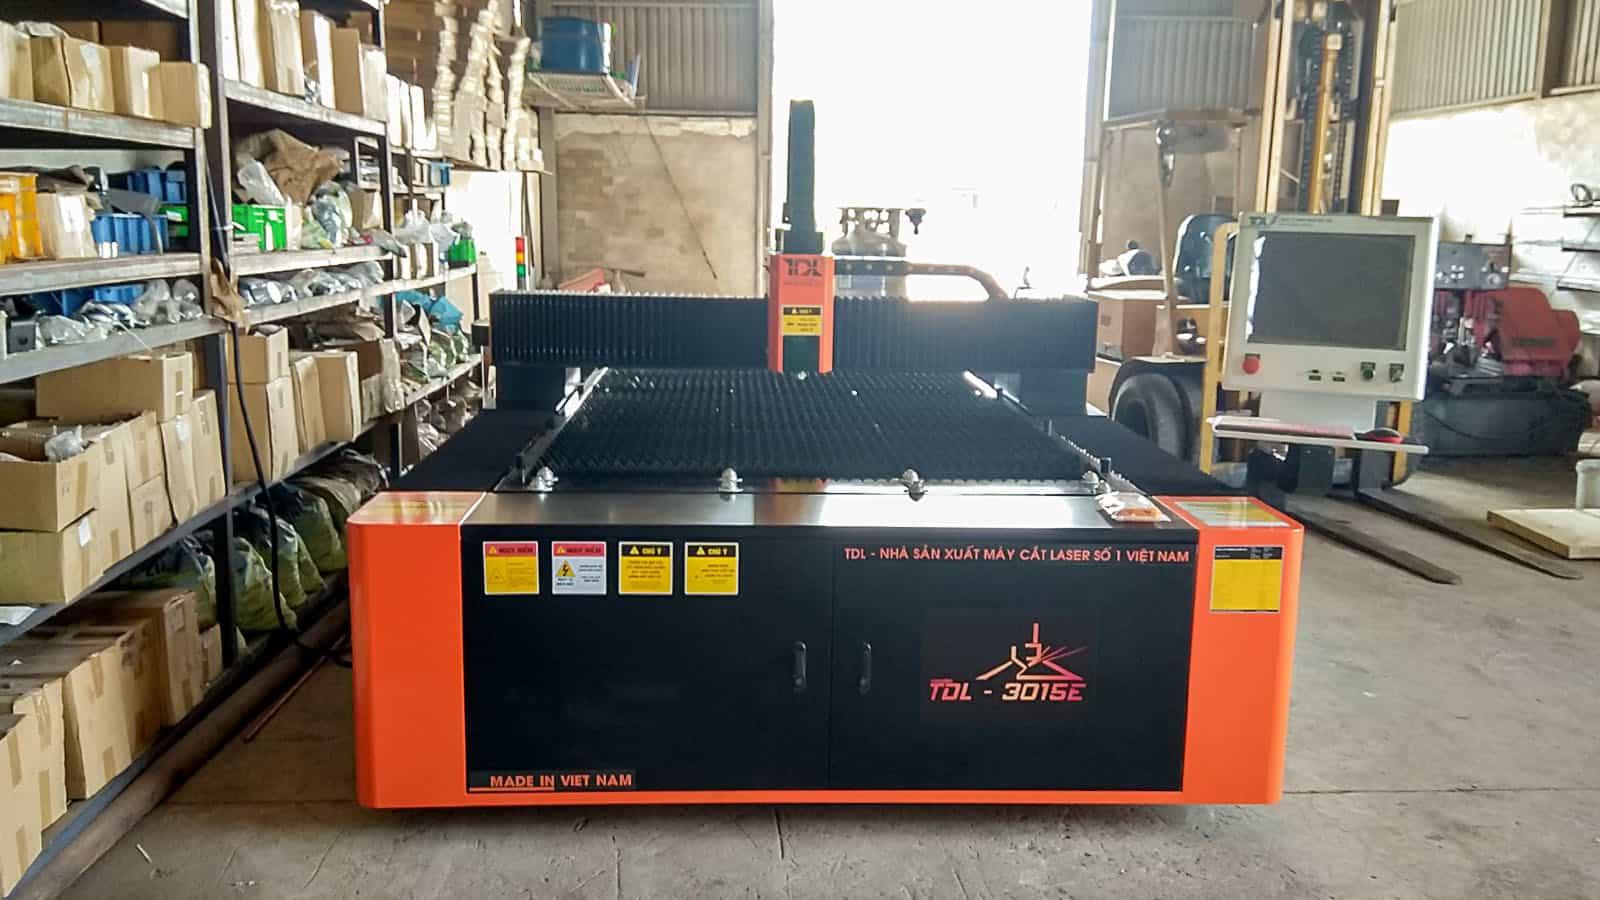 Bàn giao máy cắt Laser TDL-3015E nguồn 1500W tại Công ty Đại Anh Phát